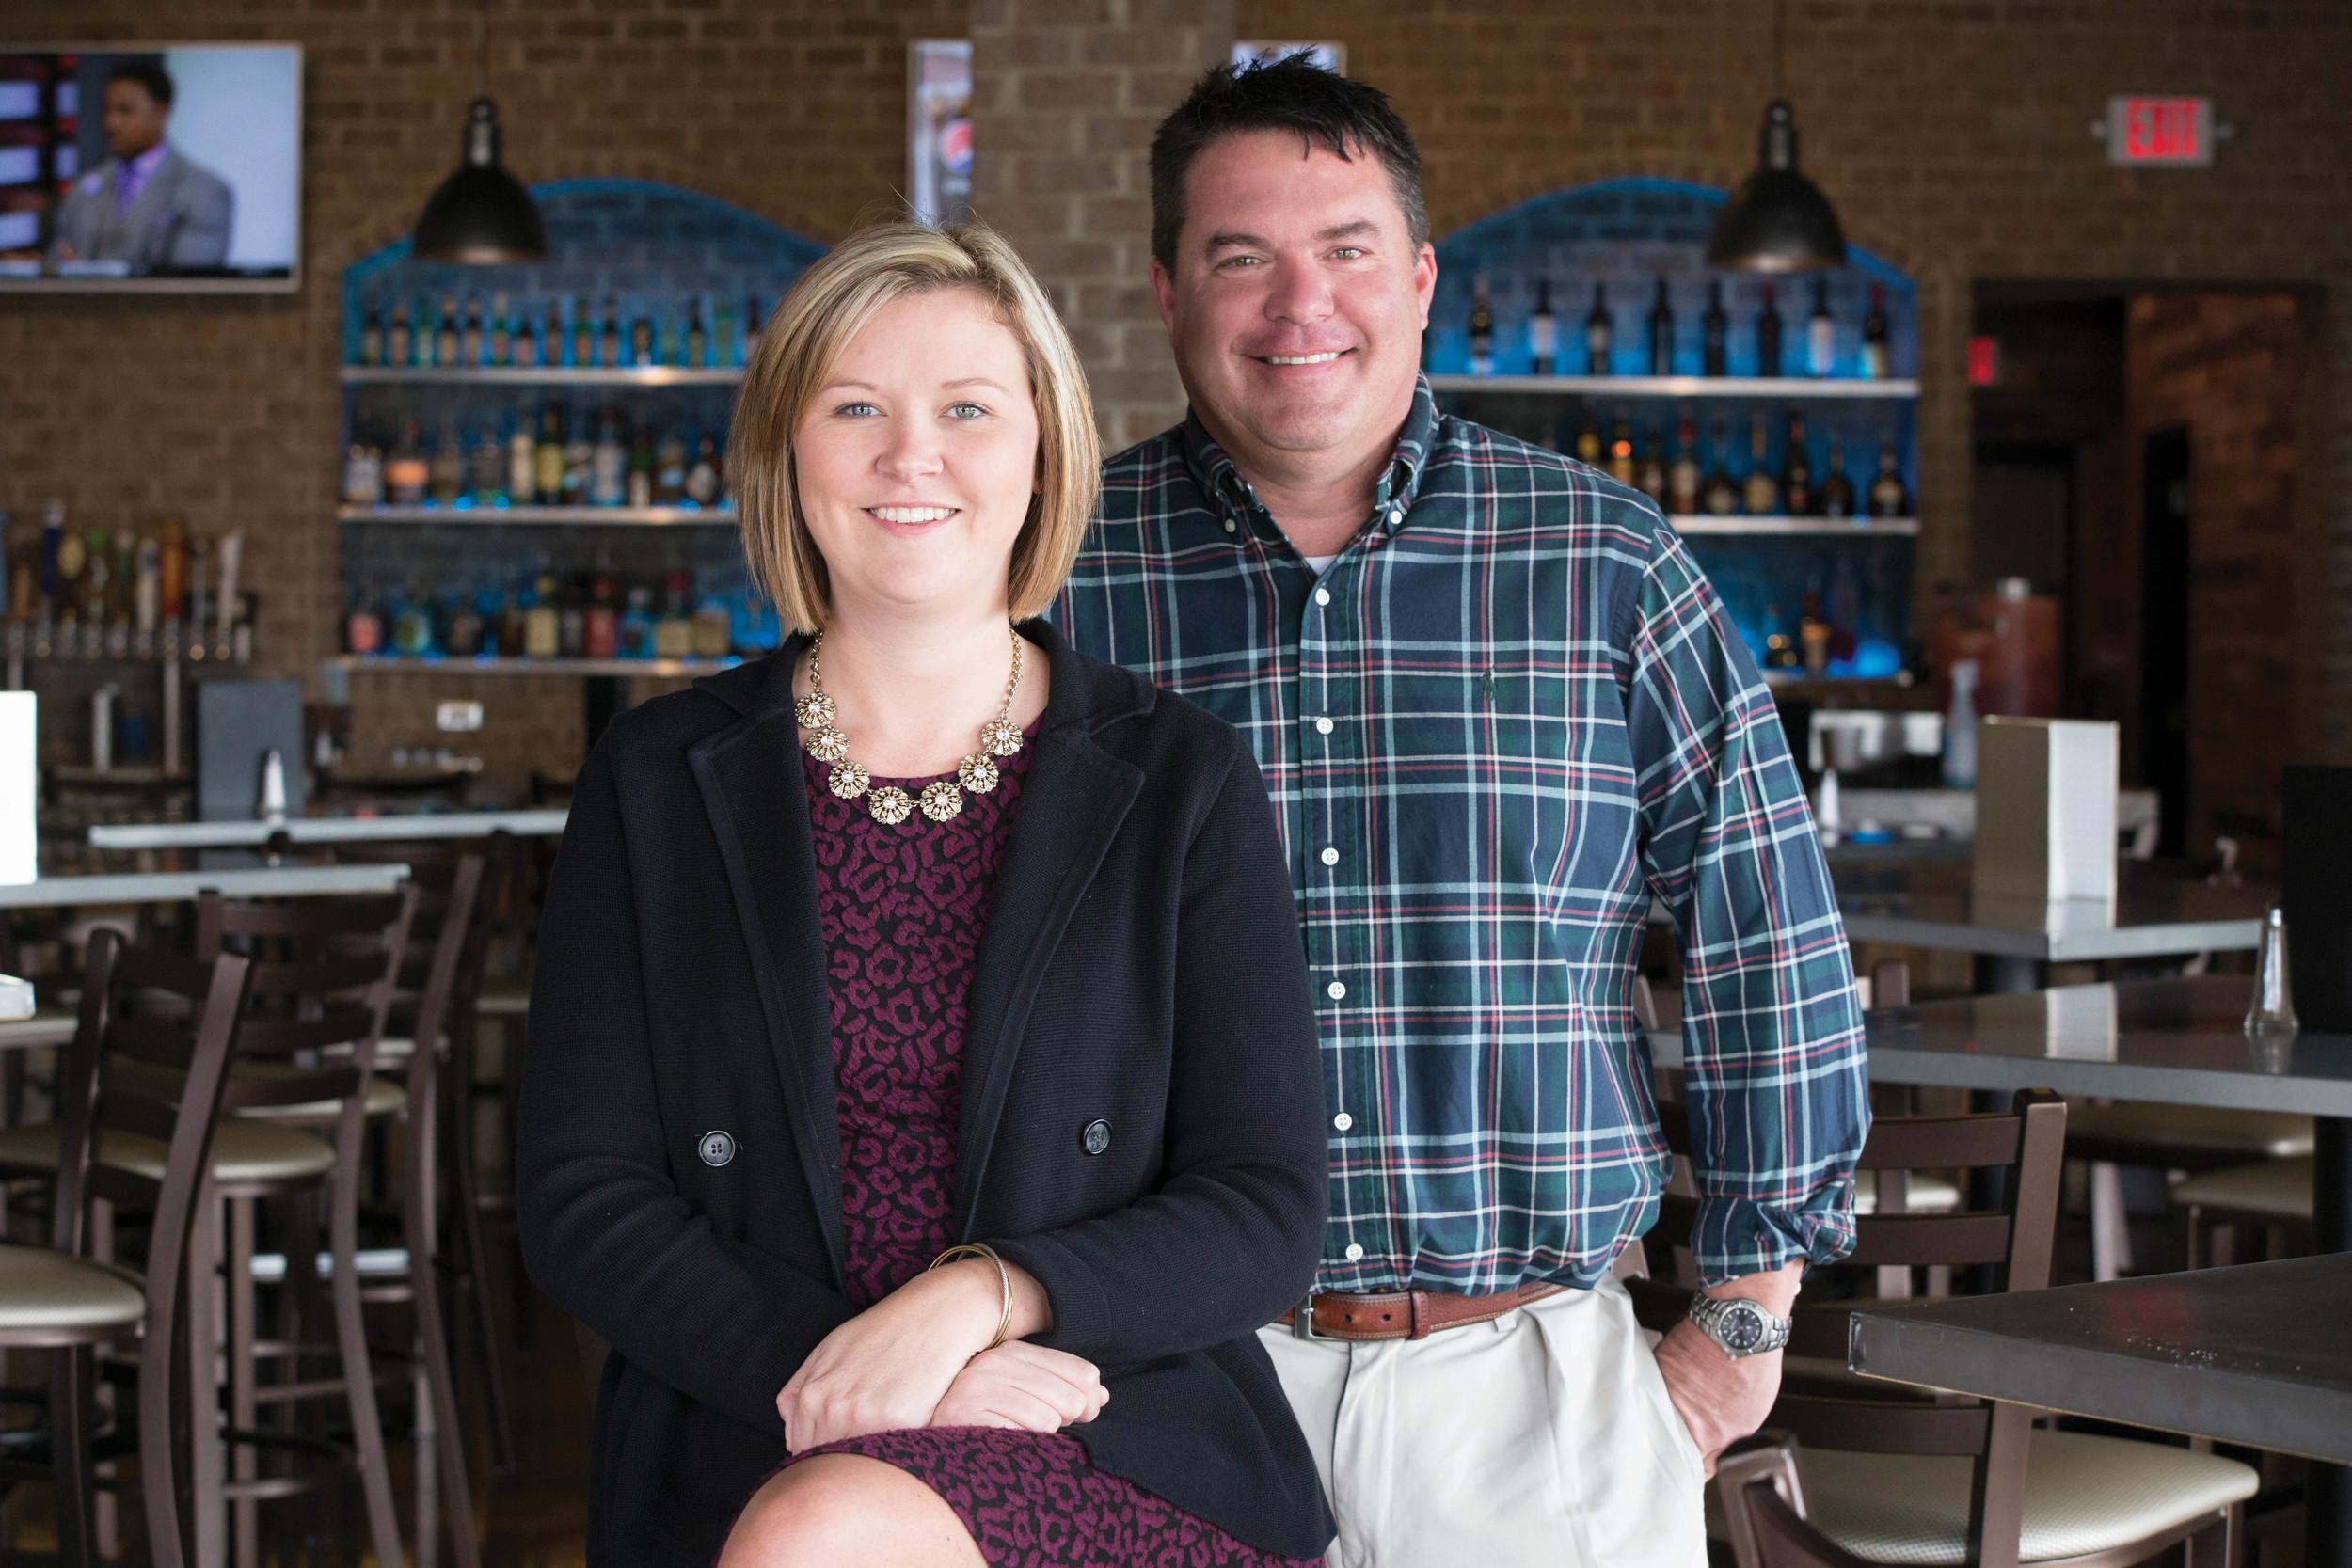 Jodi Sears and Darren Phillips